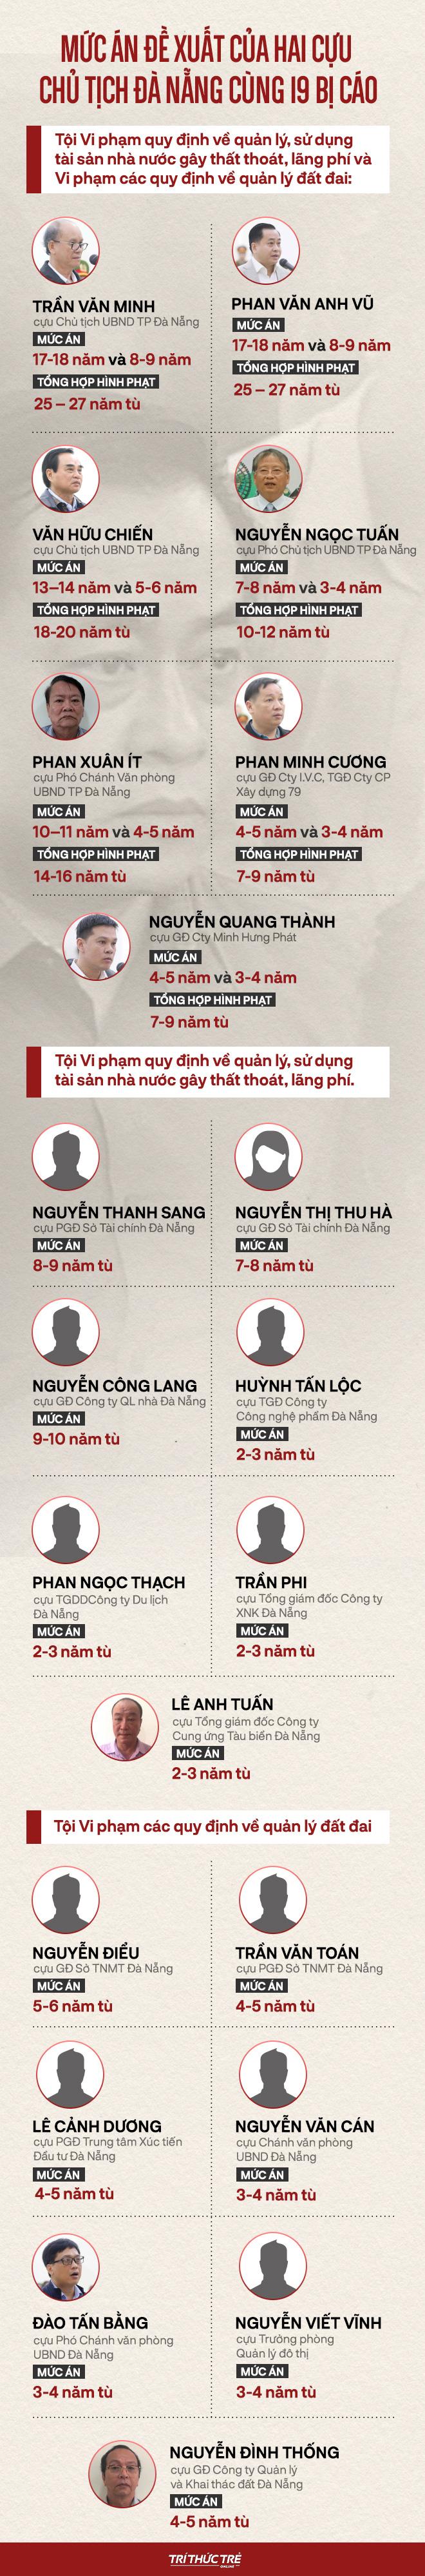 Phan Văn Anh Vũ bị tuyên 25 năm tù,  2 cựu Chủ tịch Đà Nẵng lĩnh 12 và 17 năm tù - Ảnh 10.